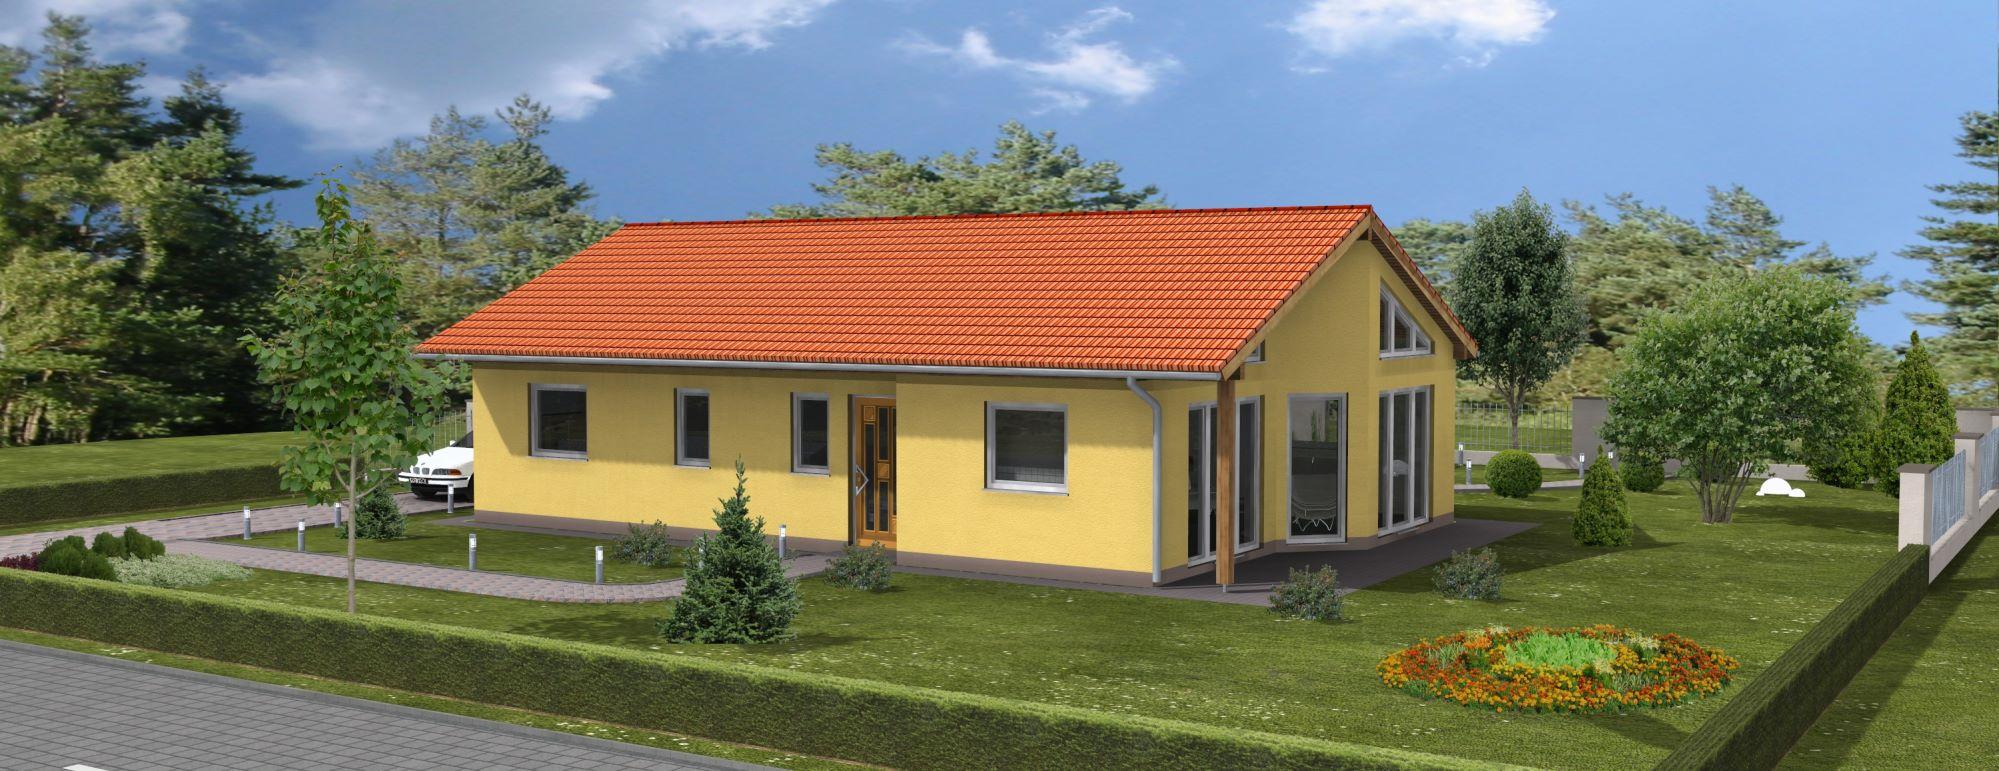 bungalow goslar massiv gebaut von lipsia haus startseite design bilder. Black Bedroom Furniture Sets. Home Design Ideas